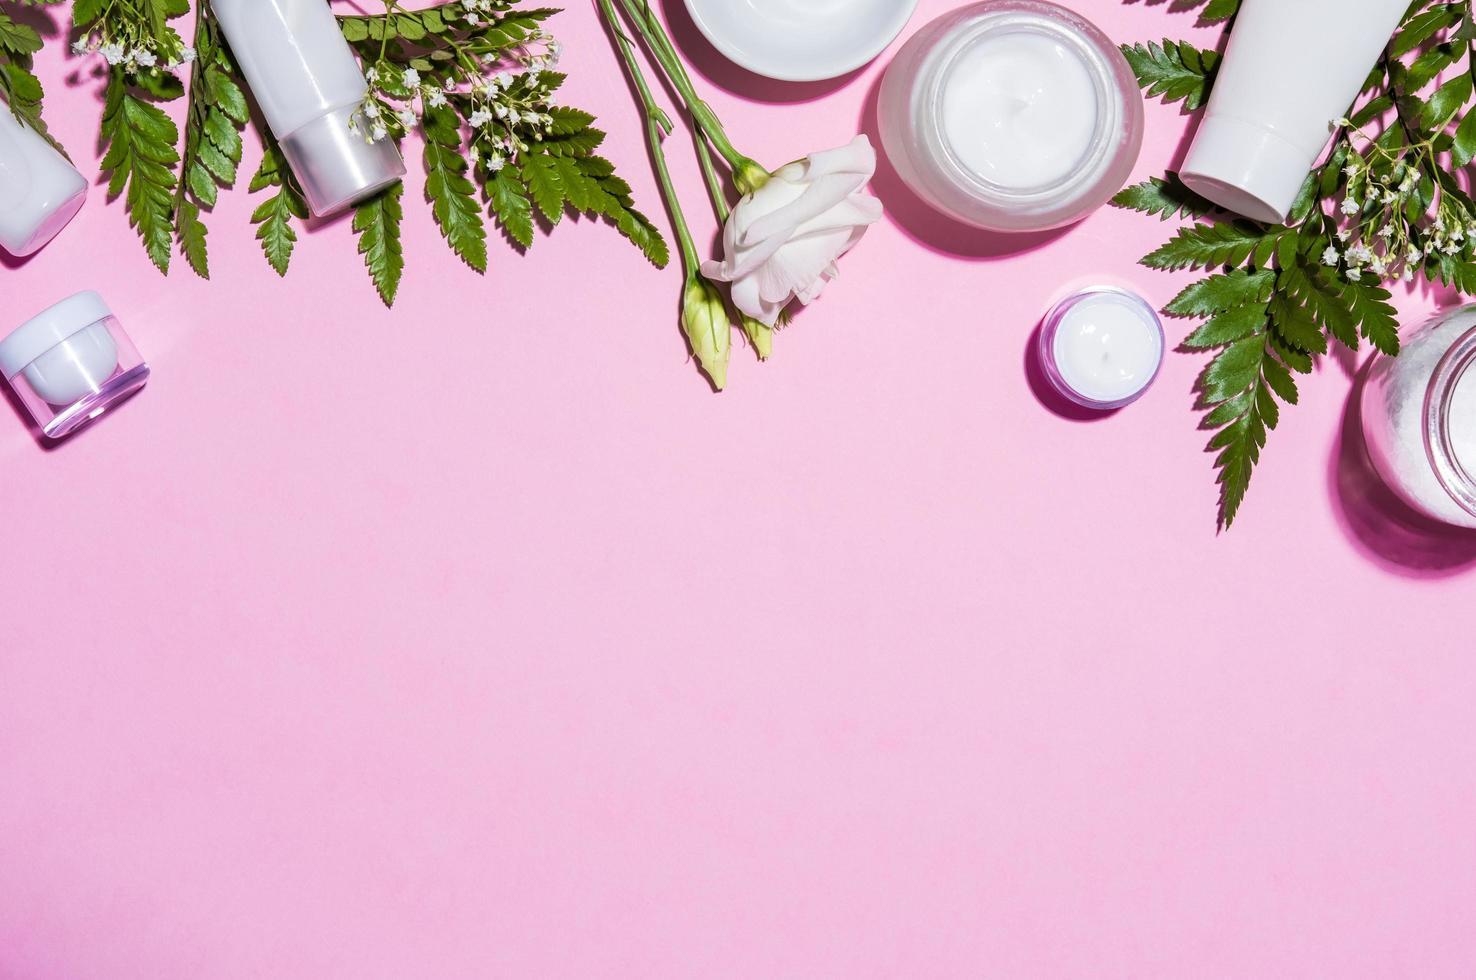 hudvårdsprodukter för kvinnor foto